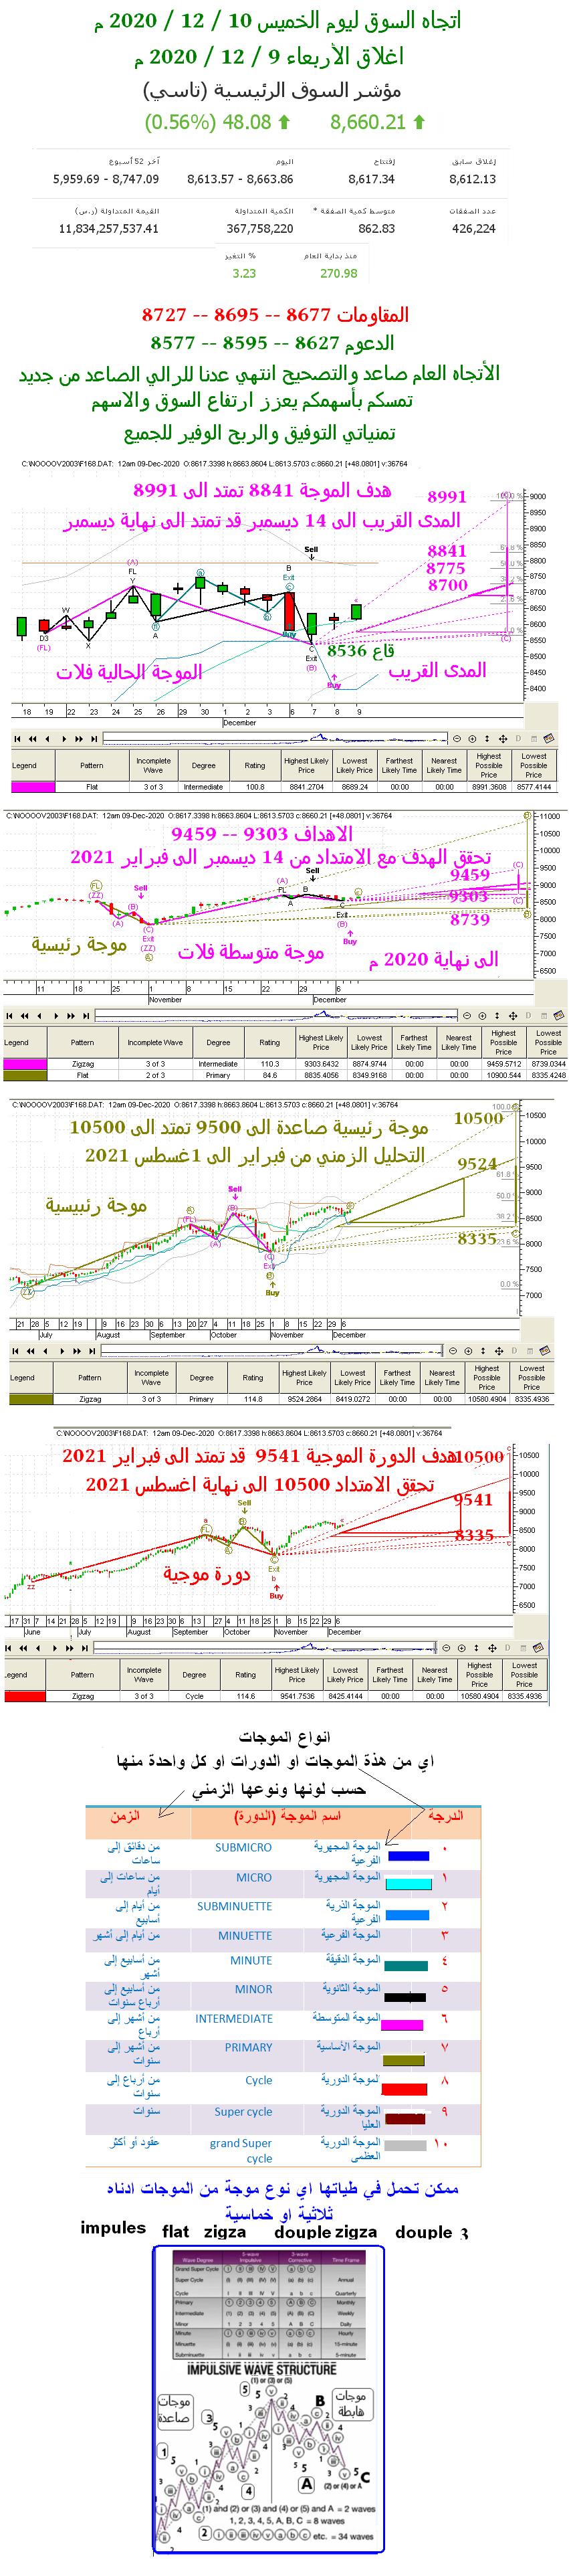 رد: اتجاه السوق ليوم الخميس 10 / 12 / 2020 م